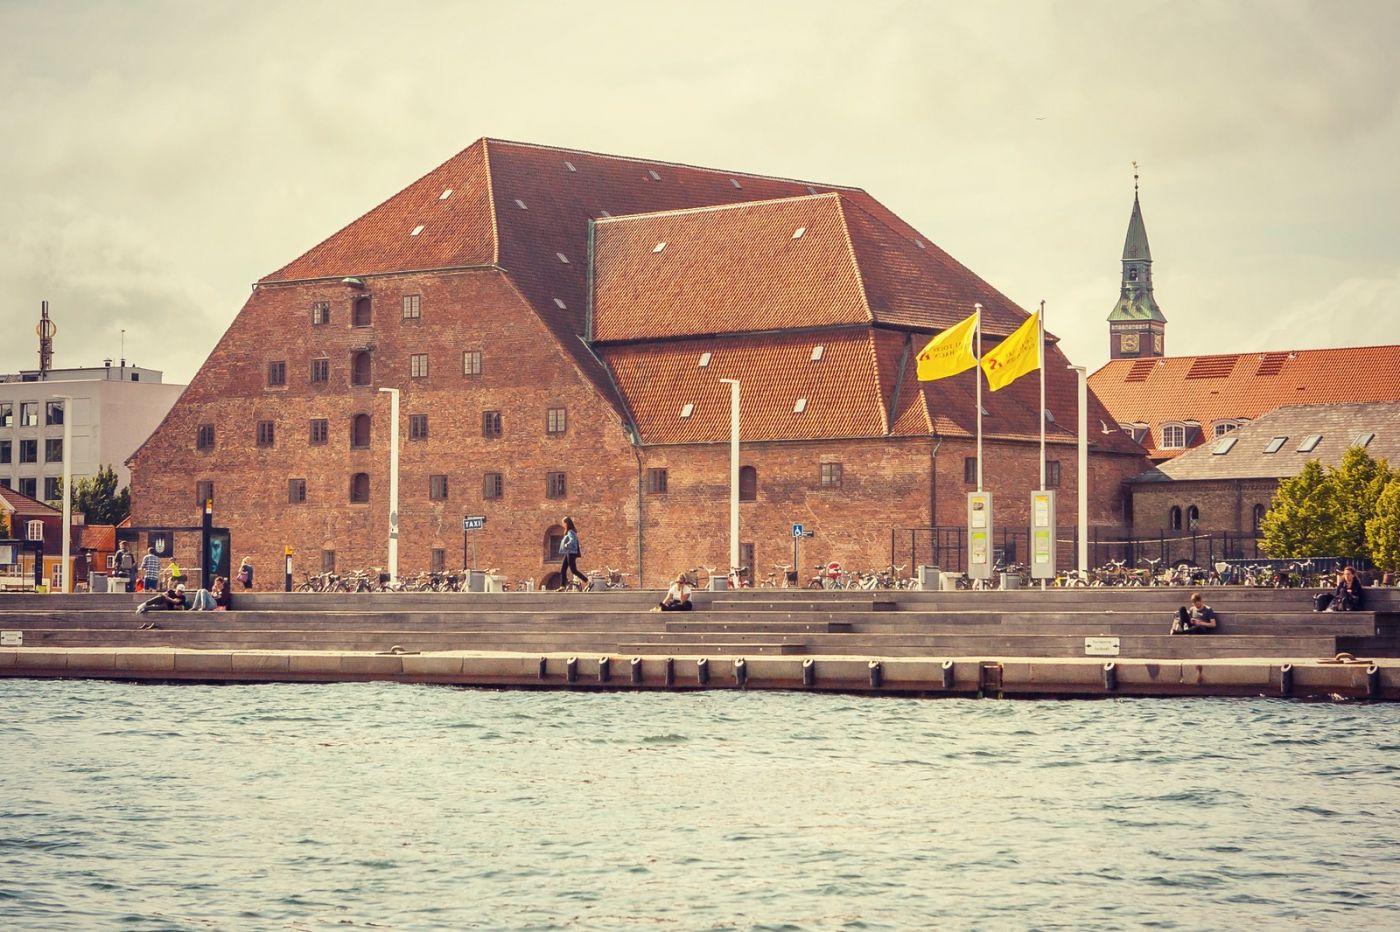 丹麦哥本哈根,新旧融合的城市_图1-18